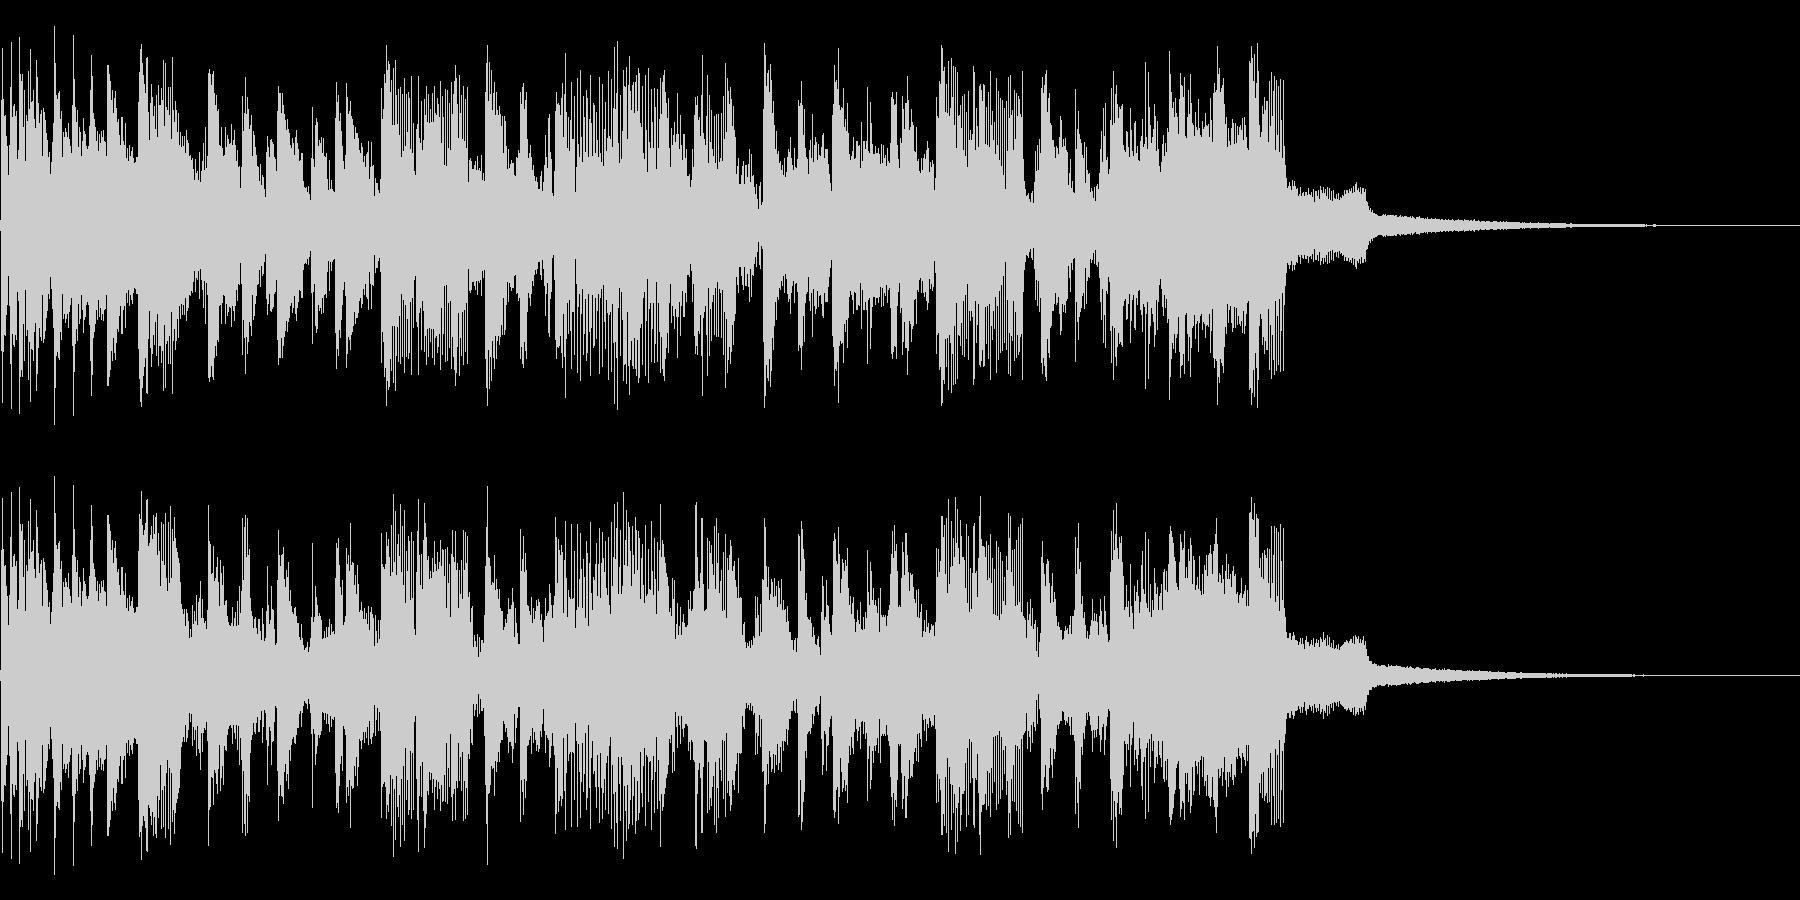 ALTをロールアウトします。混合の未再生の波形